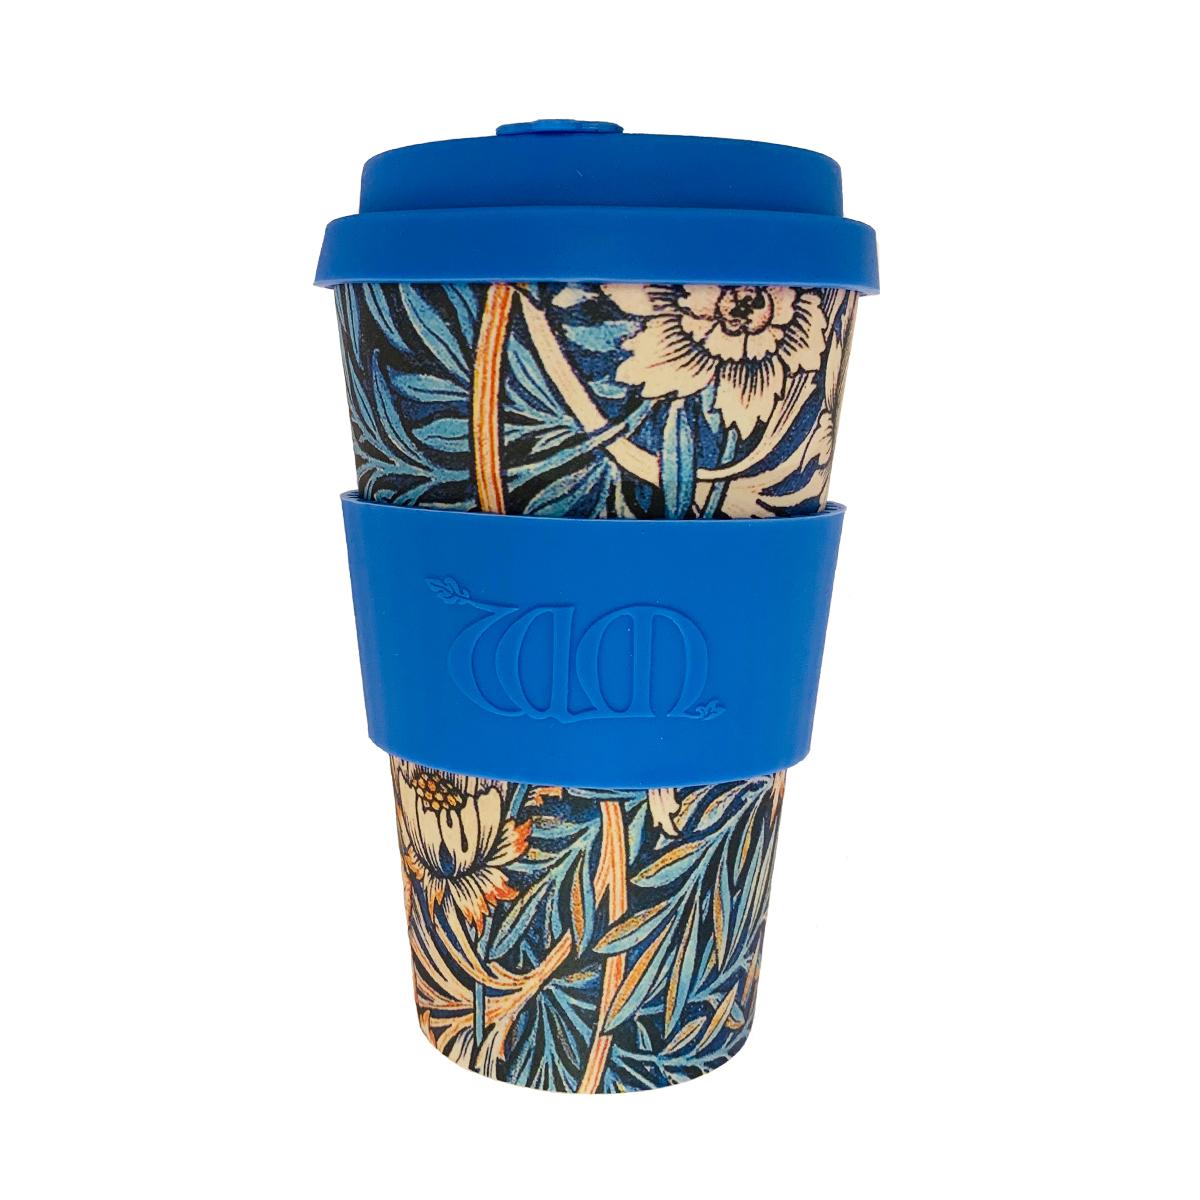 エコーヒーカップ|Lily